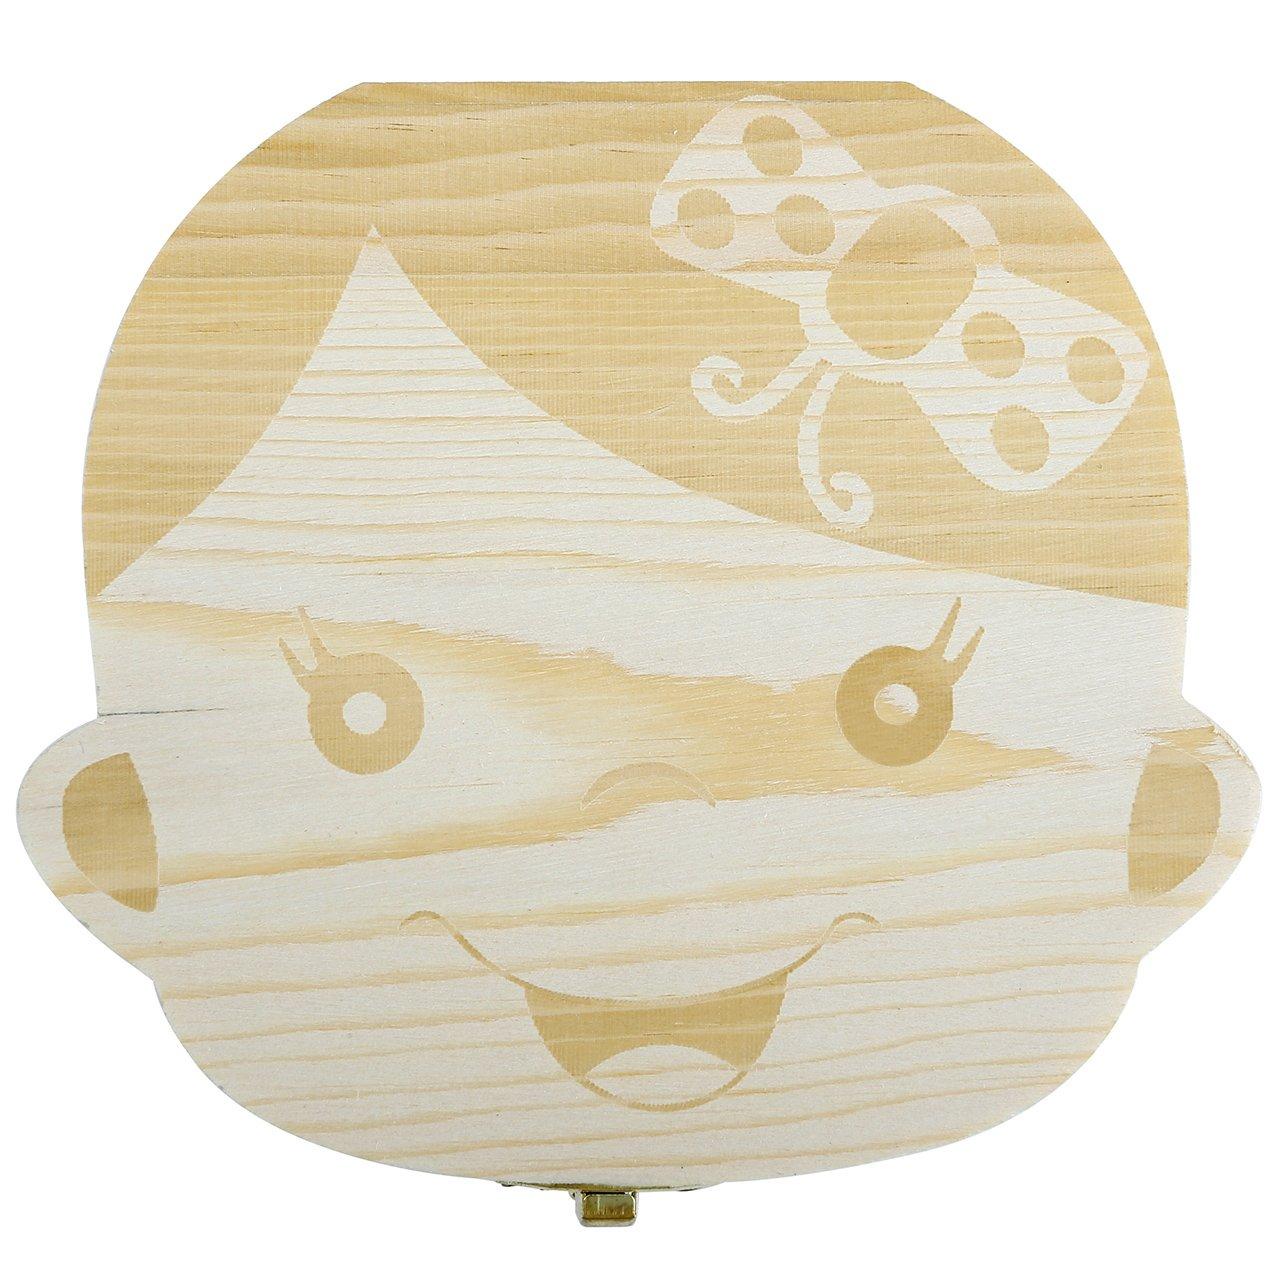 Mogoko baby Kinder Original Holz Haar Milchzahndose Milchzähne Zähne box Kasten mit Englisch Version Souvenir Aufbewahrungsbox (Mädchen)